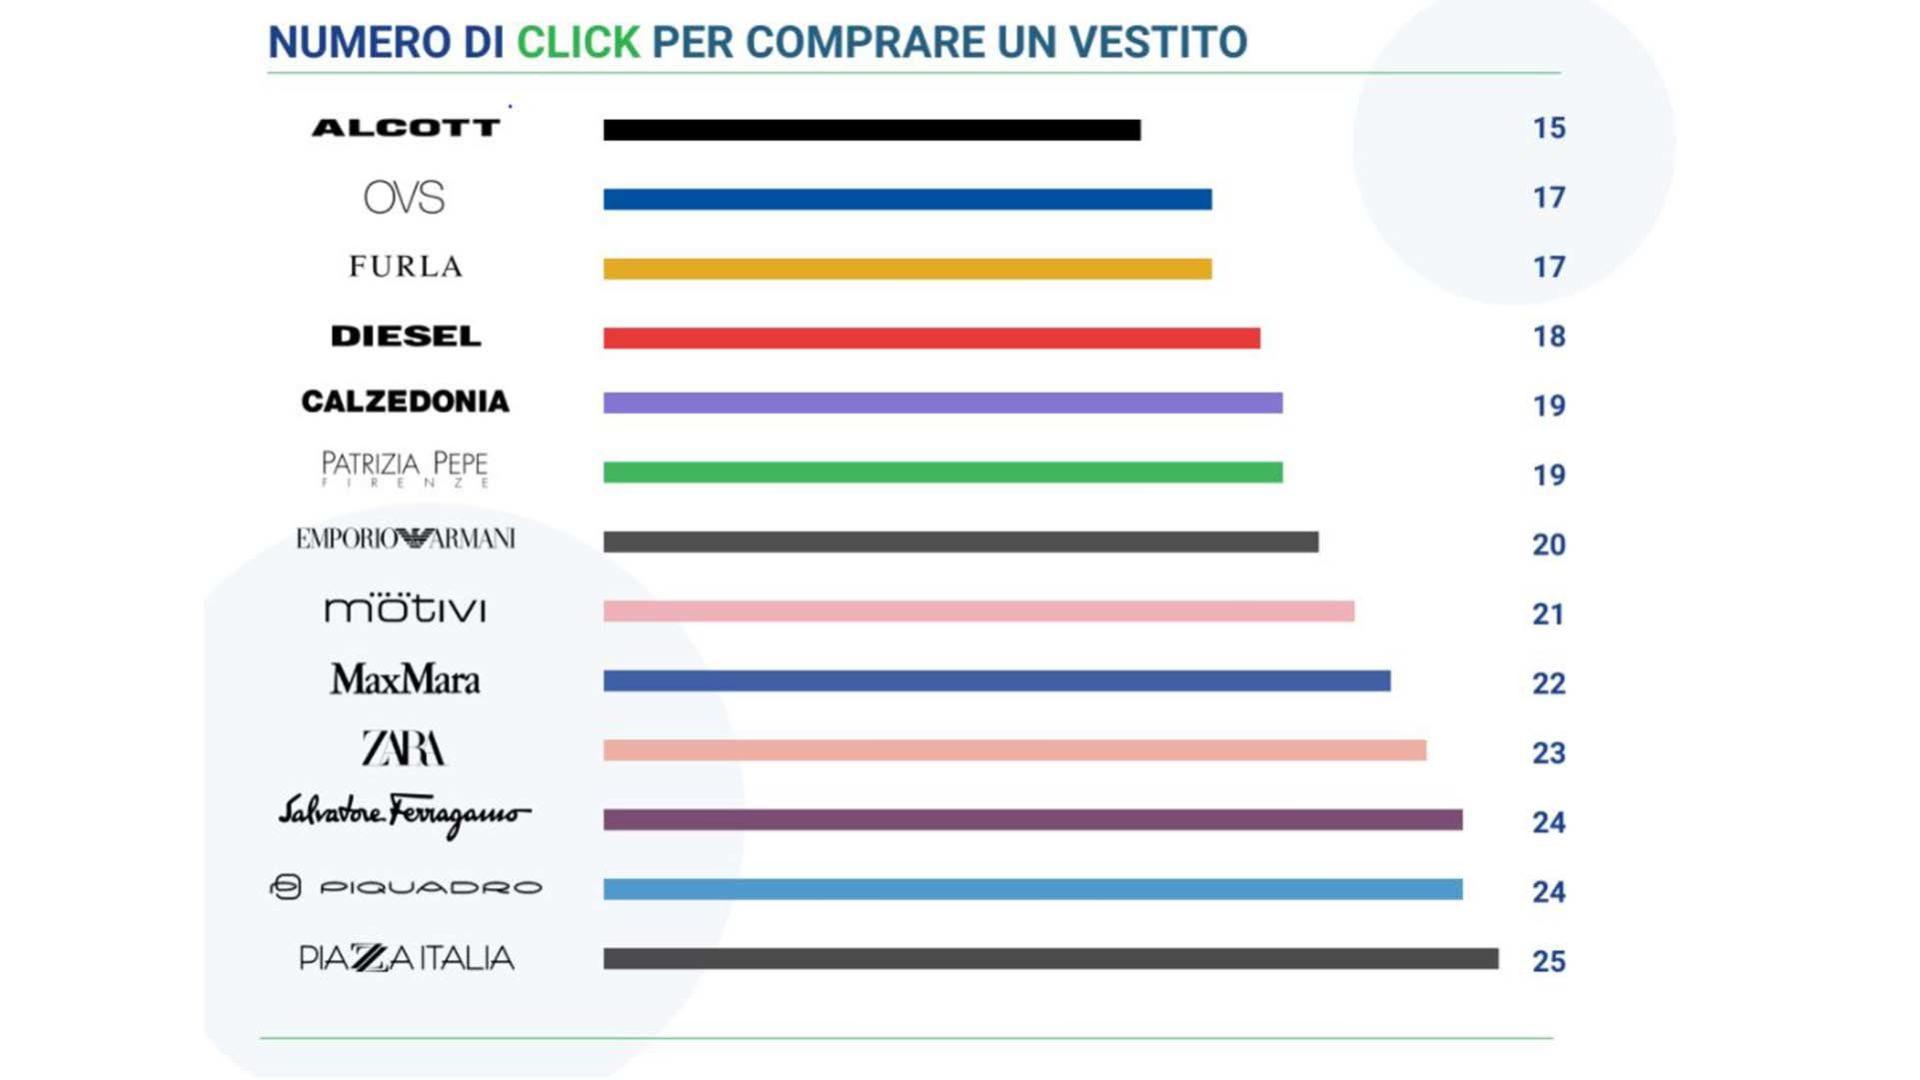 grafico che mostra i click necessari all'acquisto sugli ecommerce di vari brand italiani